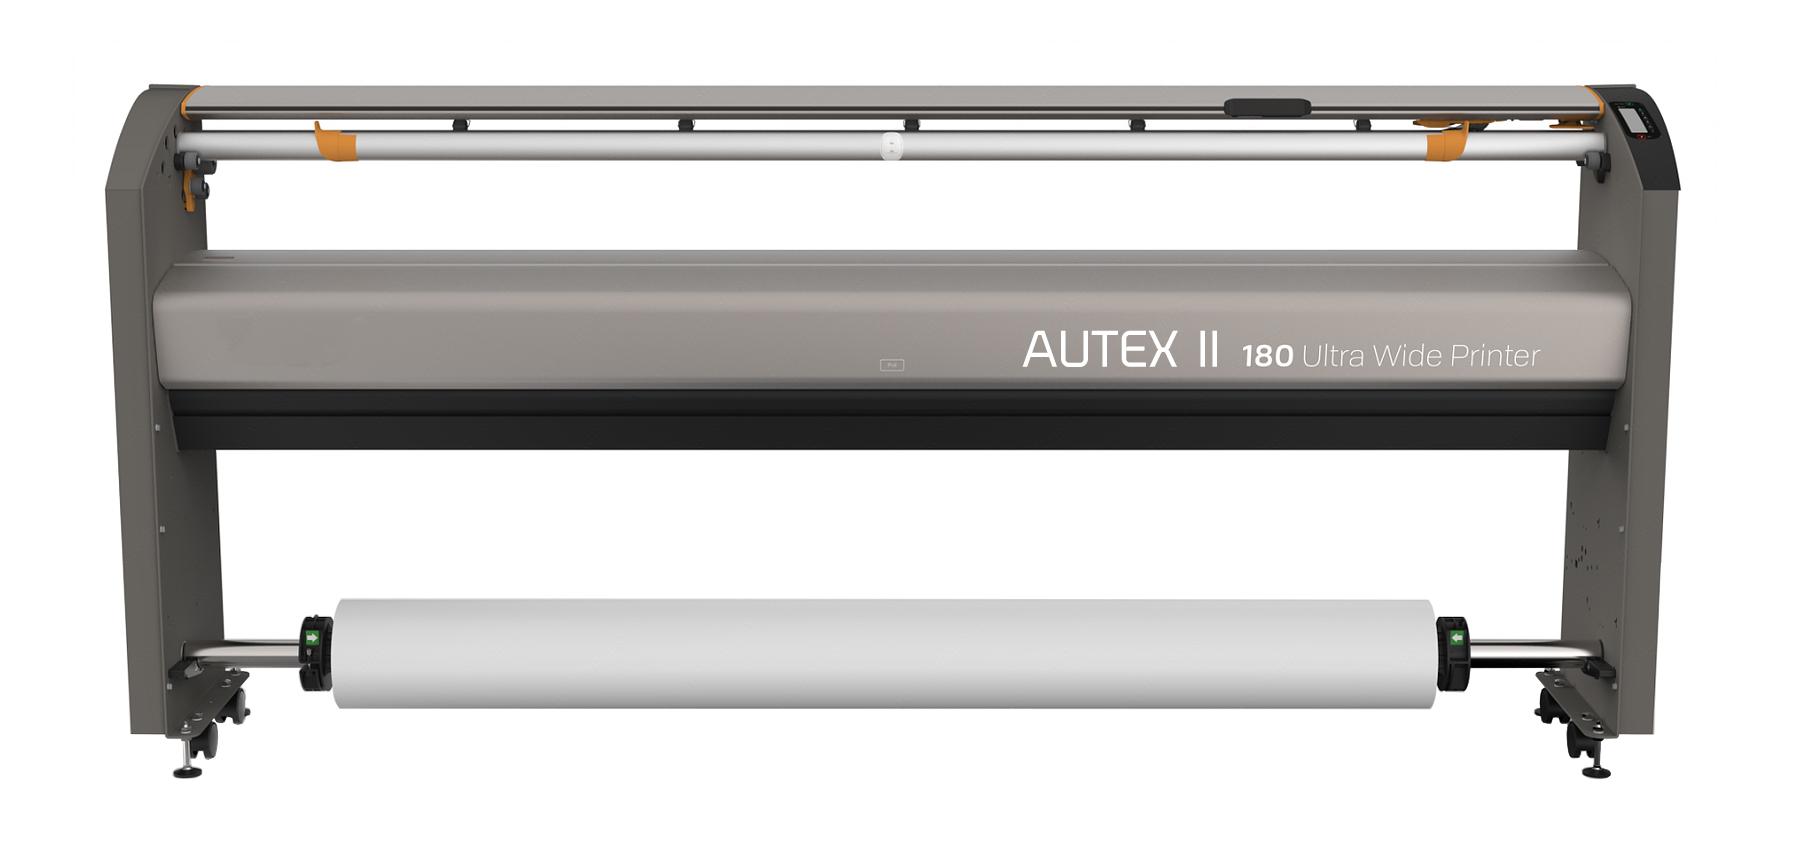 Tinh nang noi bat may in so do Autex 180